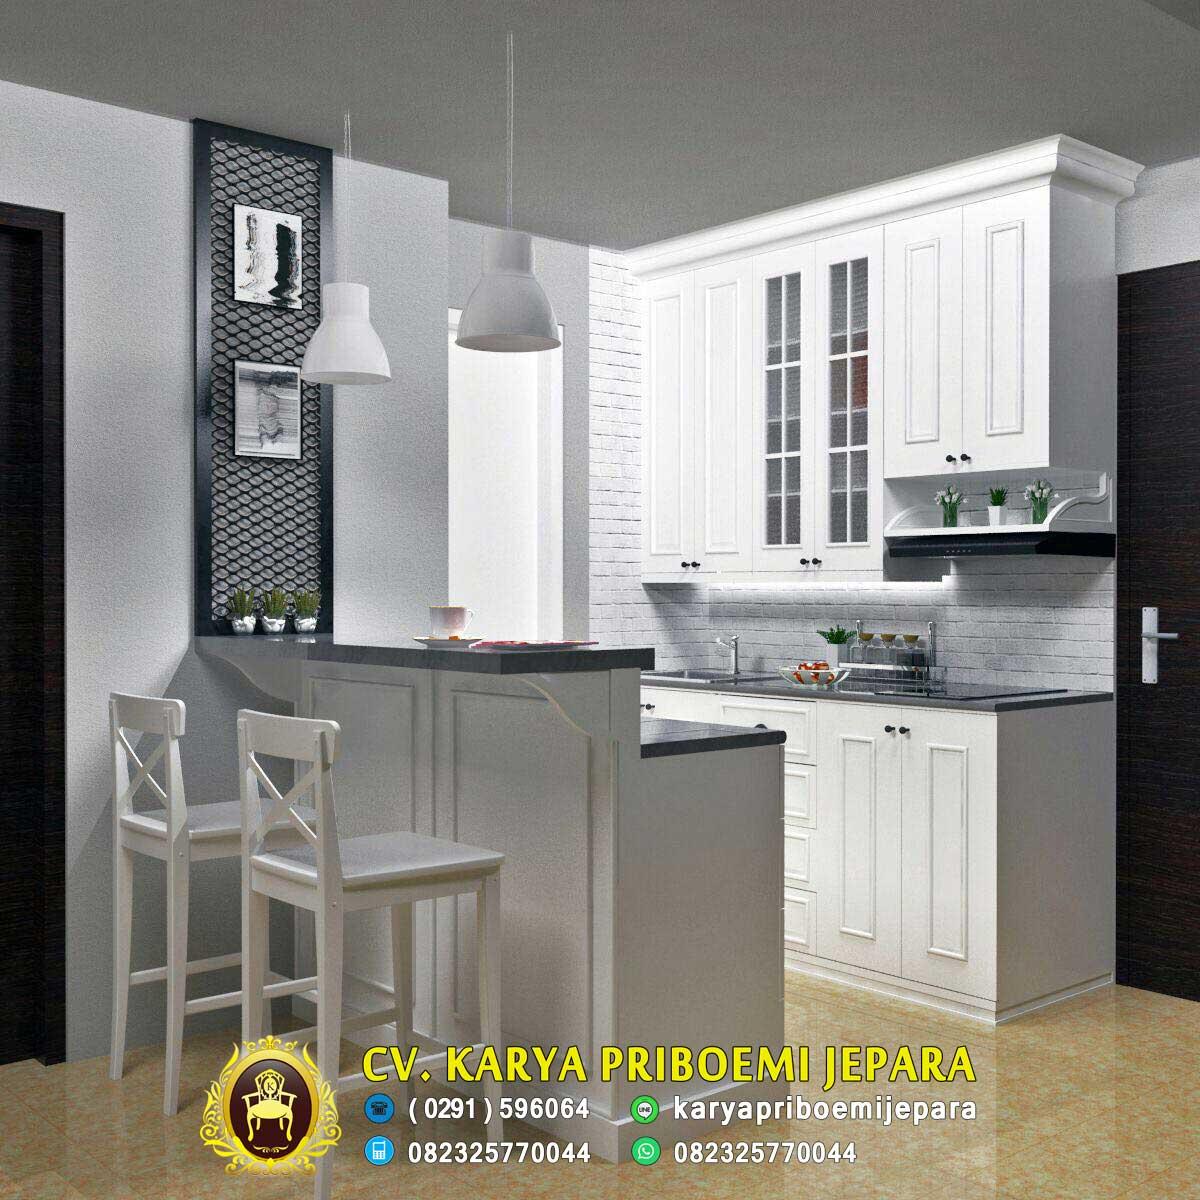 Harga Pantry Dapur Minimalis Duco Putih Modern Jepara